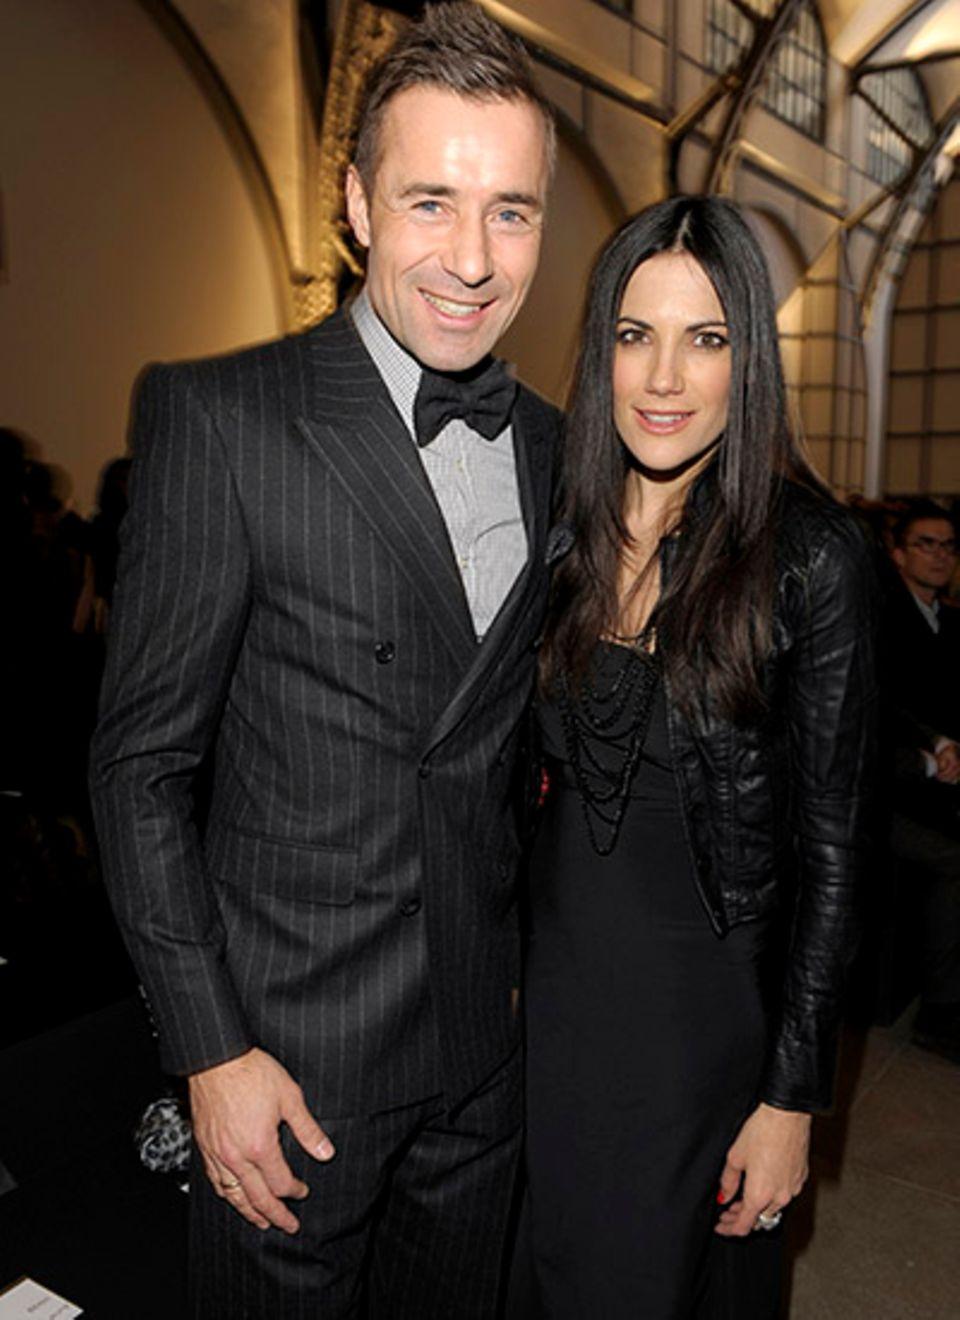 Kai Pflaume und Bettina Zimmermann sind passend zur Veranstaltung in Boss Black gekleidet.